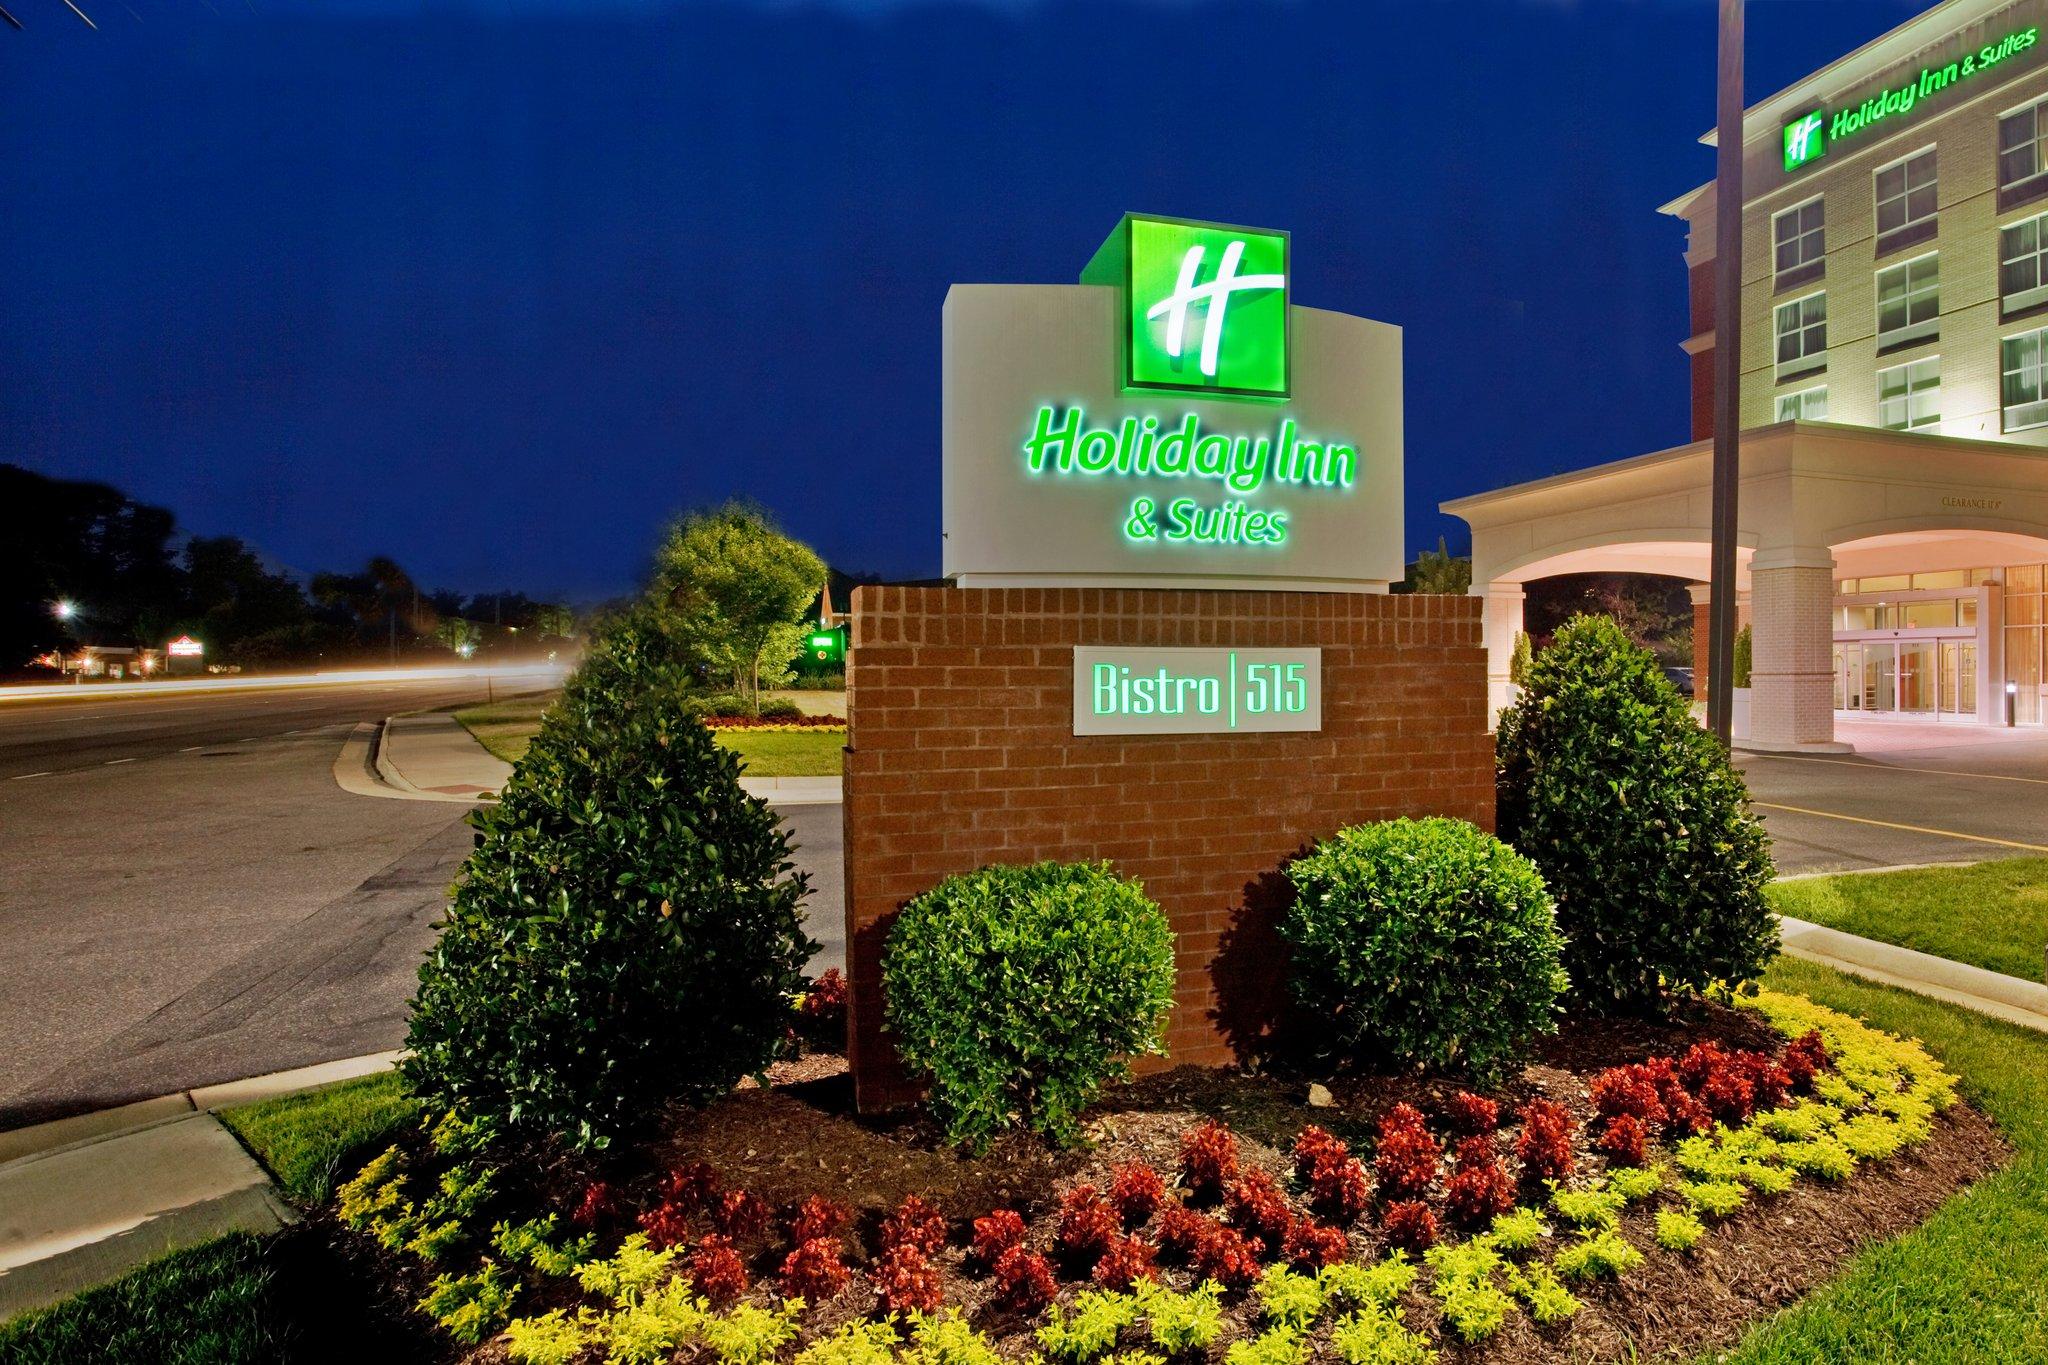 Holiday InnWilliamsburg Historic Gateway